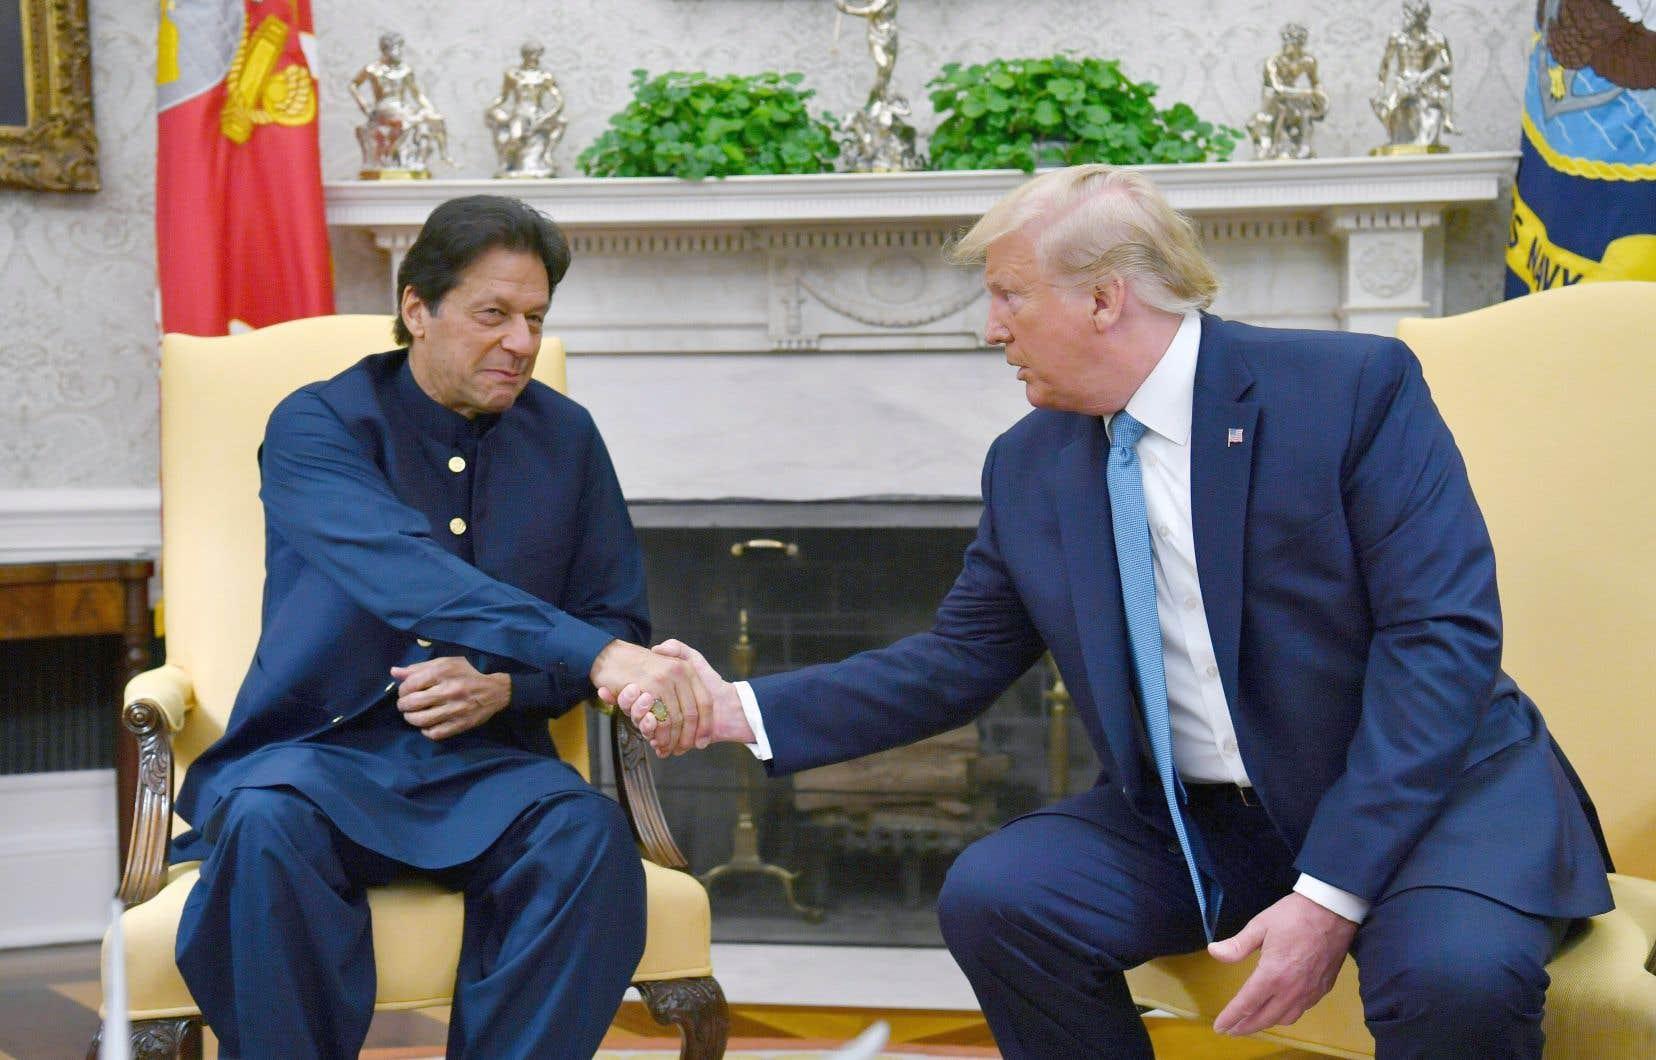 En recevant lundi le dirigeant pakistanais Imran Khan (sur la photo) à Washington, Donald Trump a déclaré que que le premier ministre indien Narendra Modi lui a offert de servir d'arbitre pour régler la crise au Cachemire.